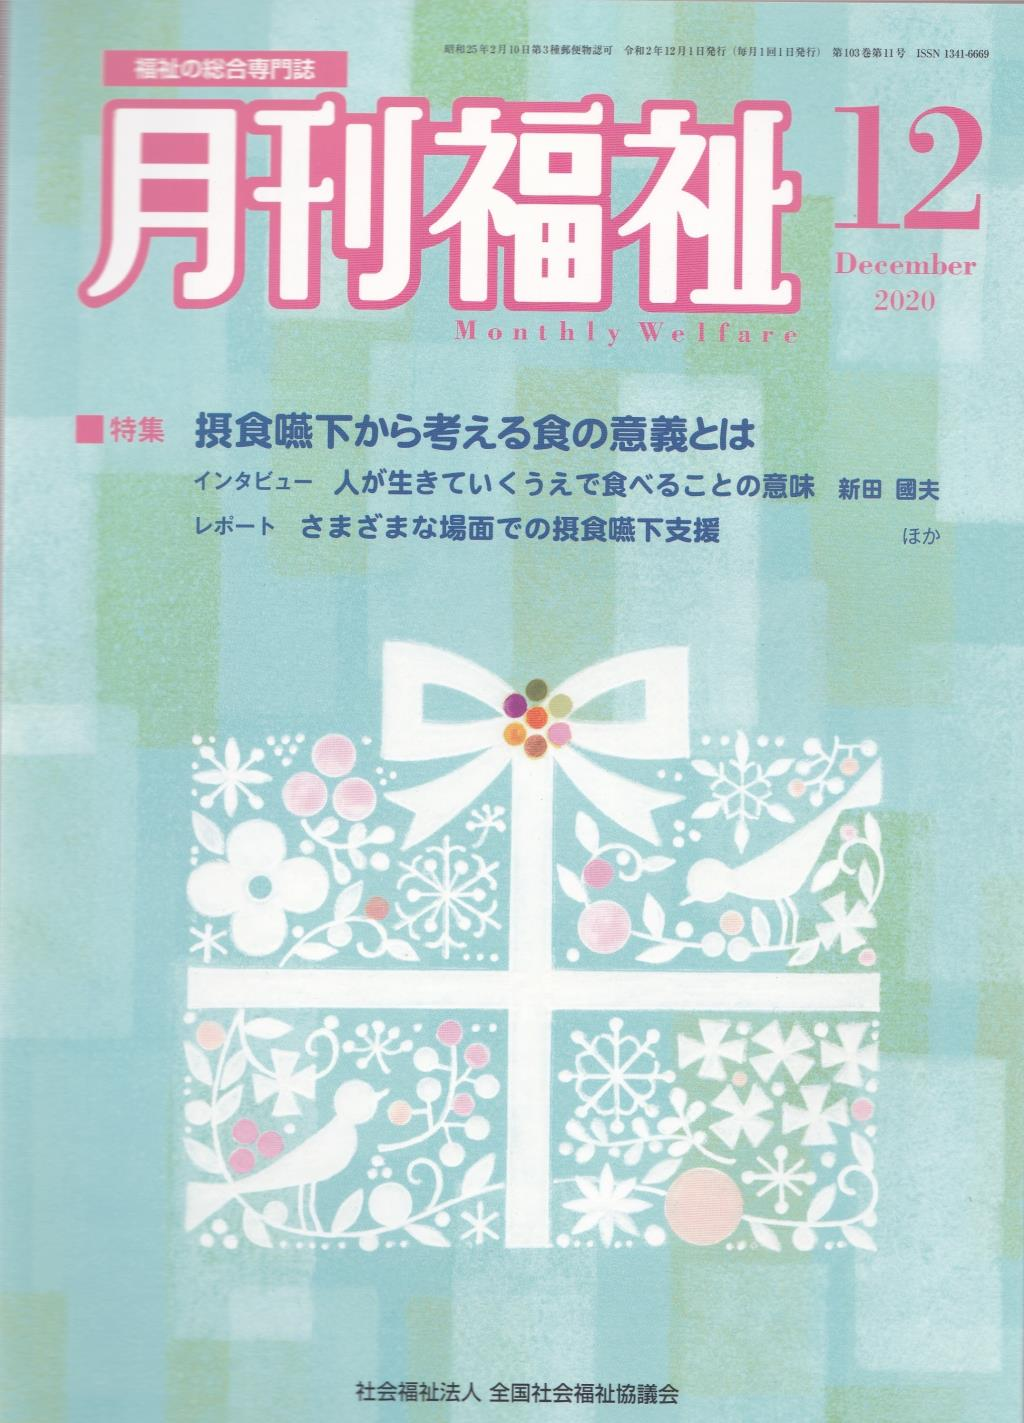 月刊福祉 2020年12月号 第103巻 第11号